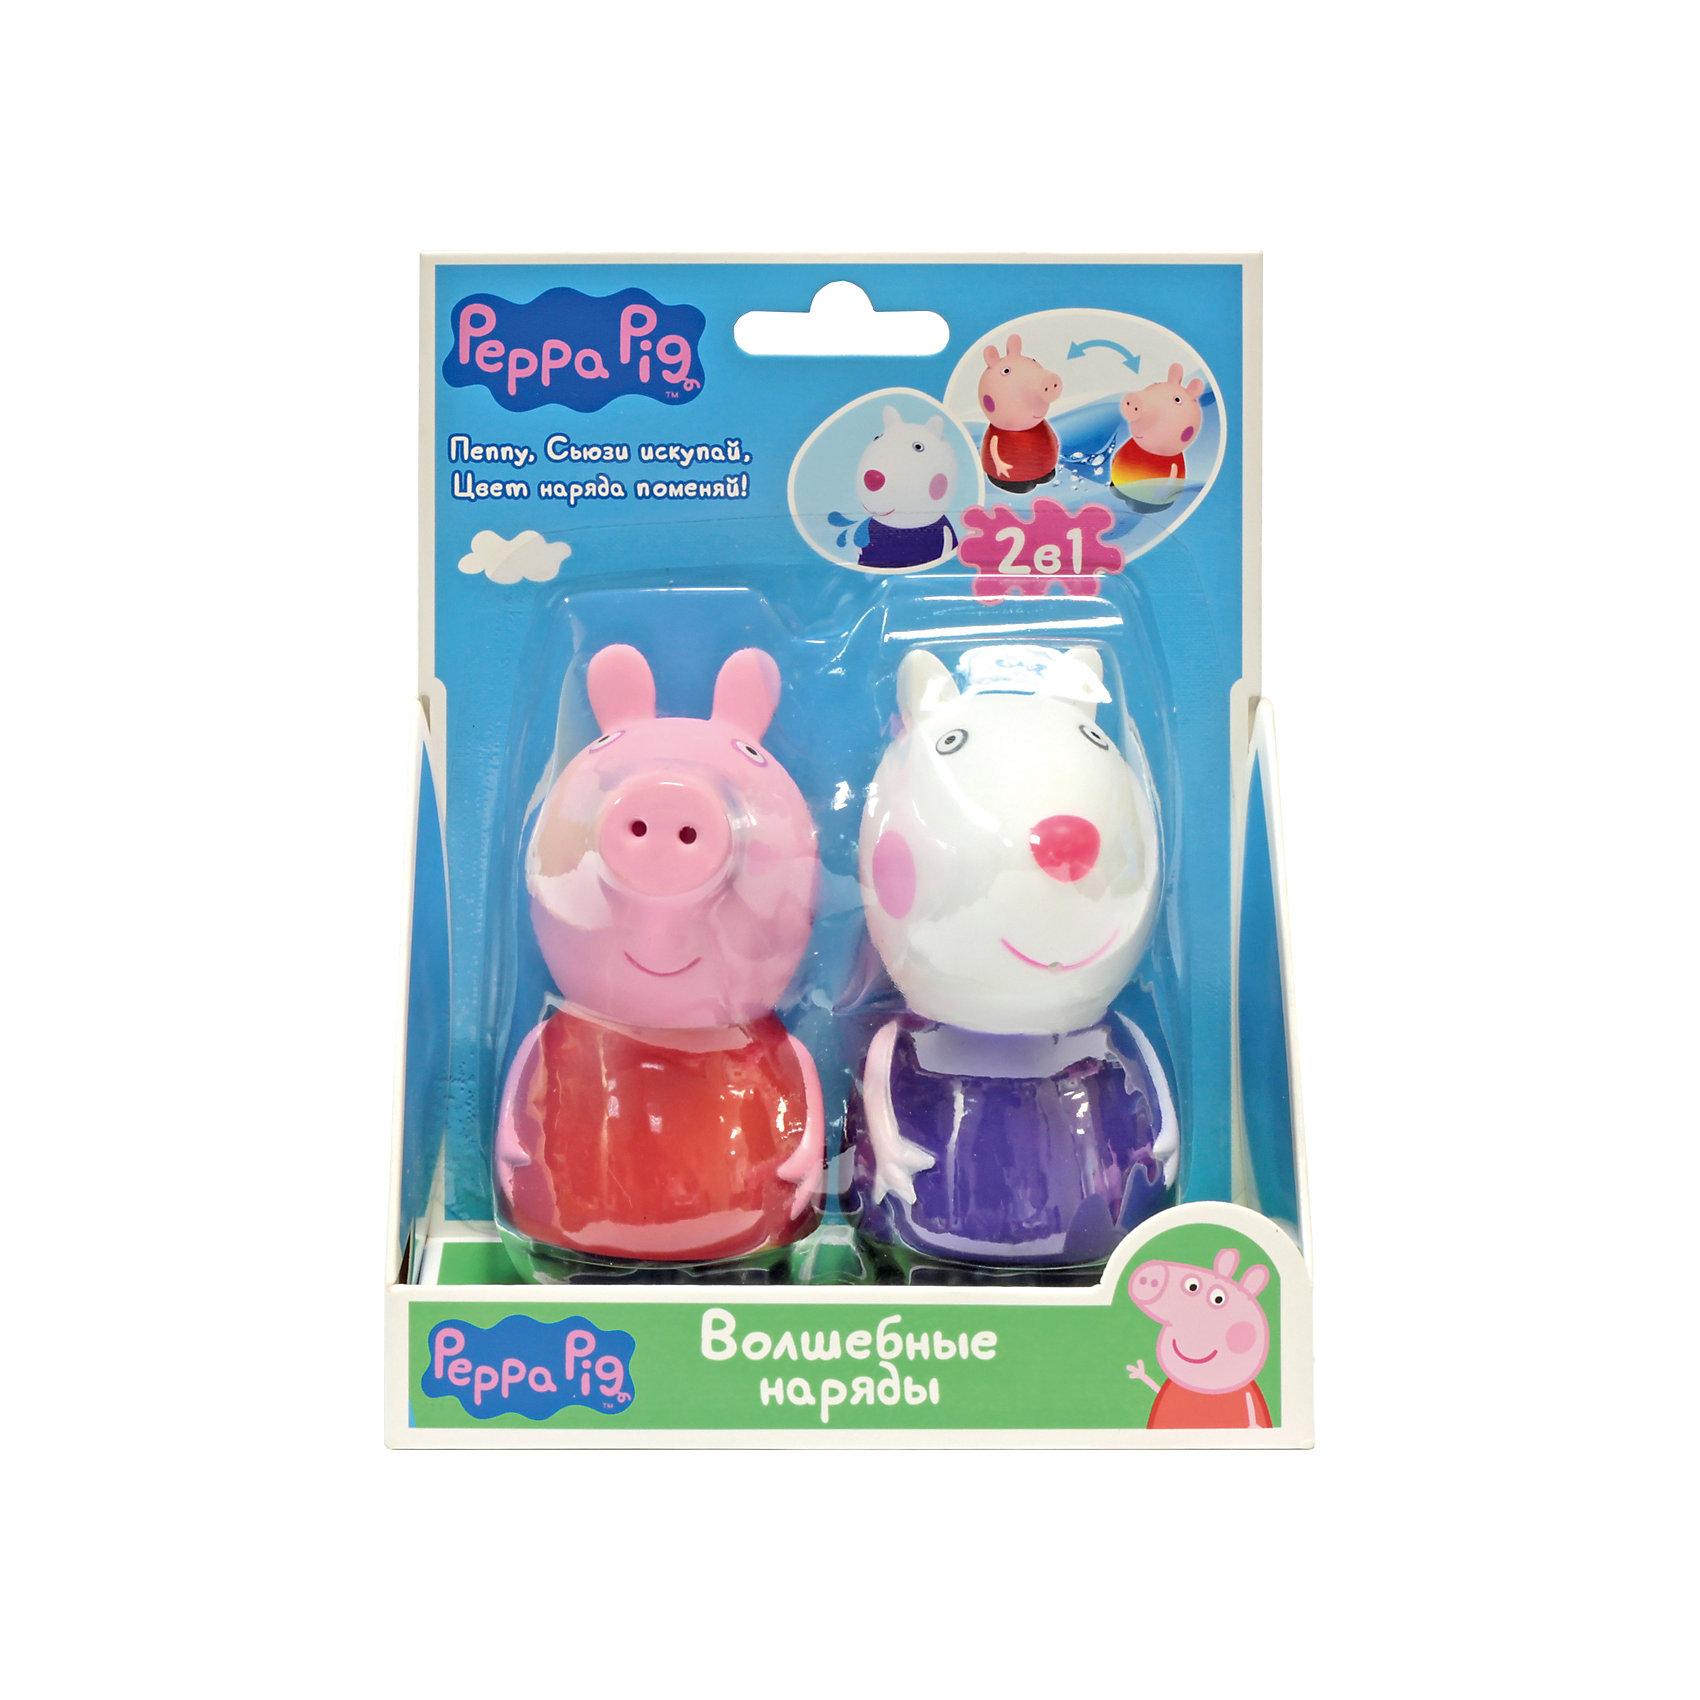 Росмэн Набор Волшебные наряды, Peppa Pig peppa pig пакет подарочный пеппа и сьюзи 35 х 25 х 9 см